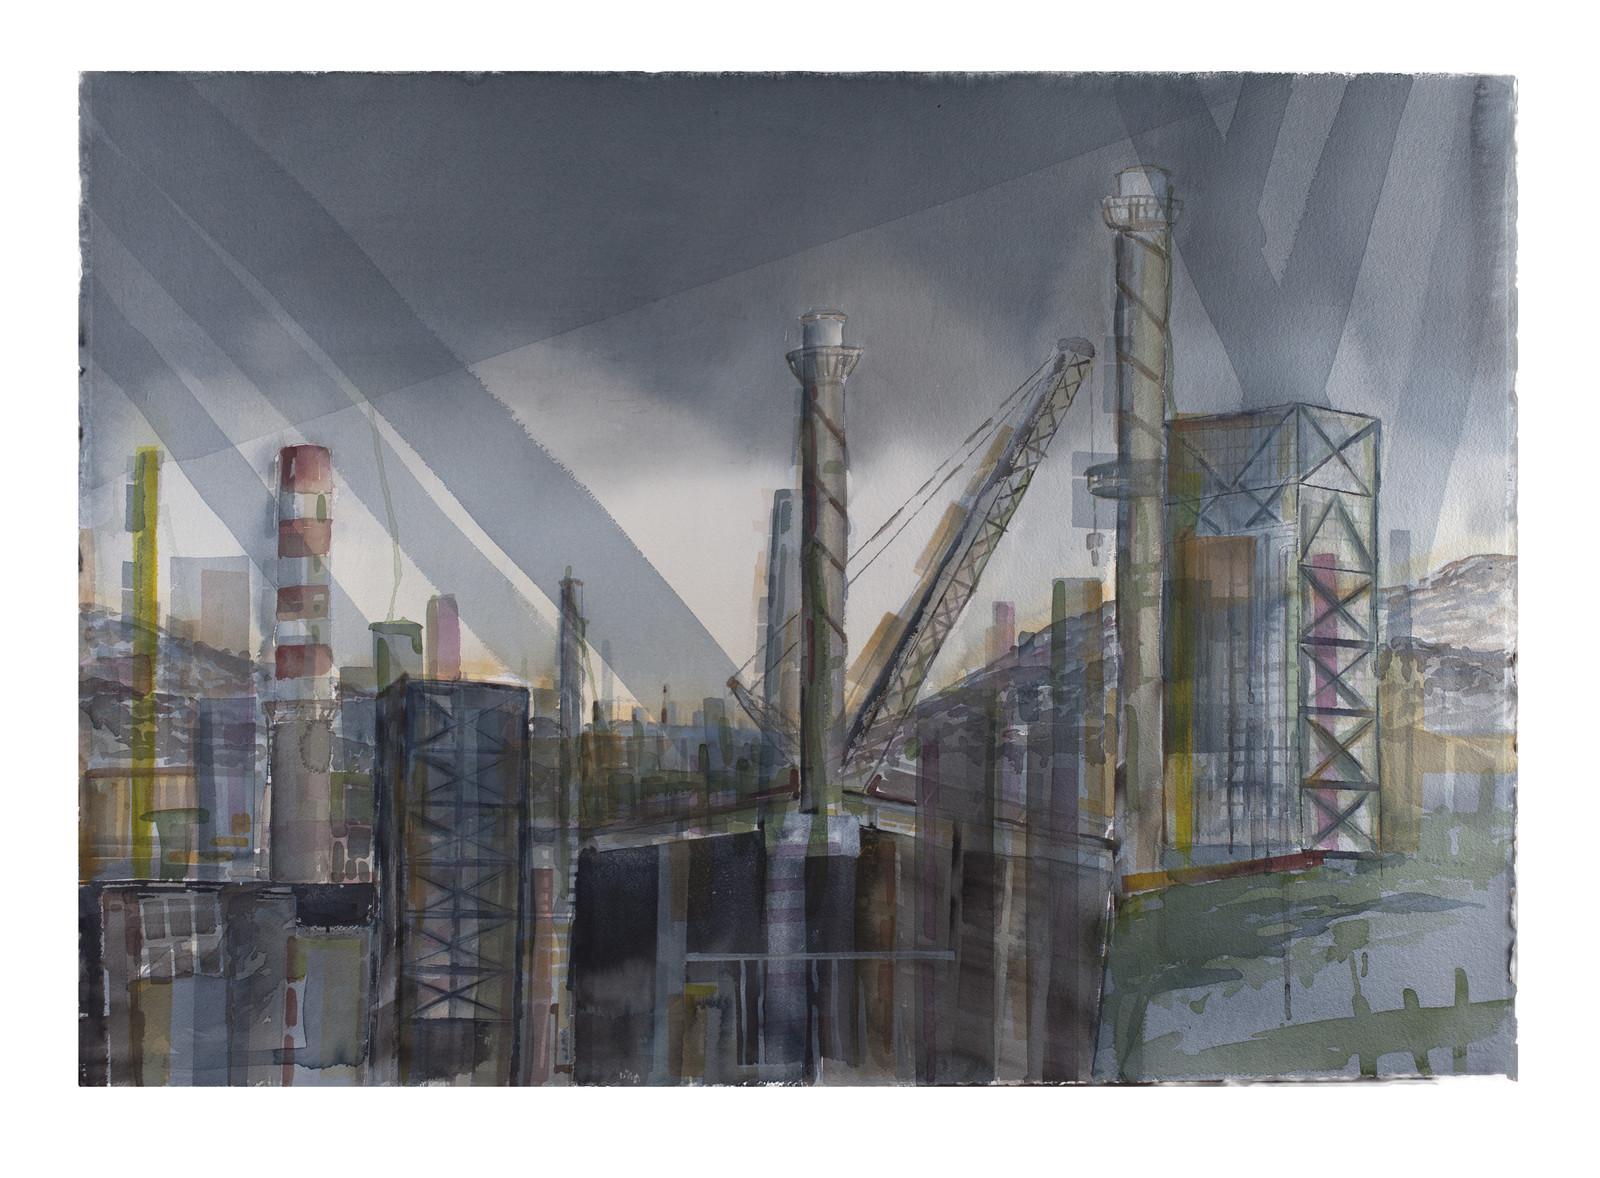 Fabrik, 2020